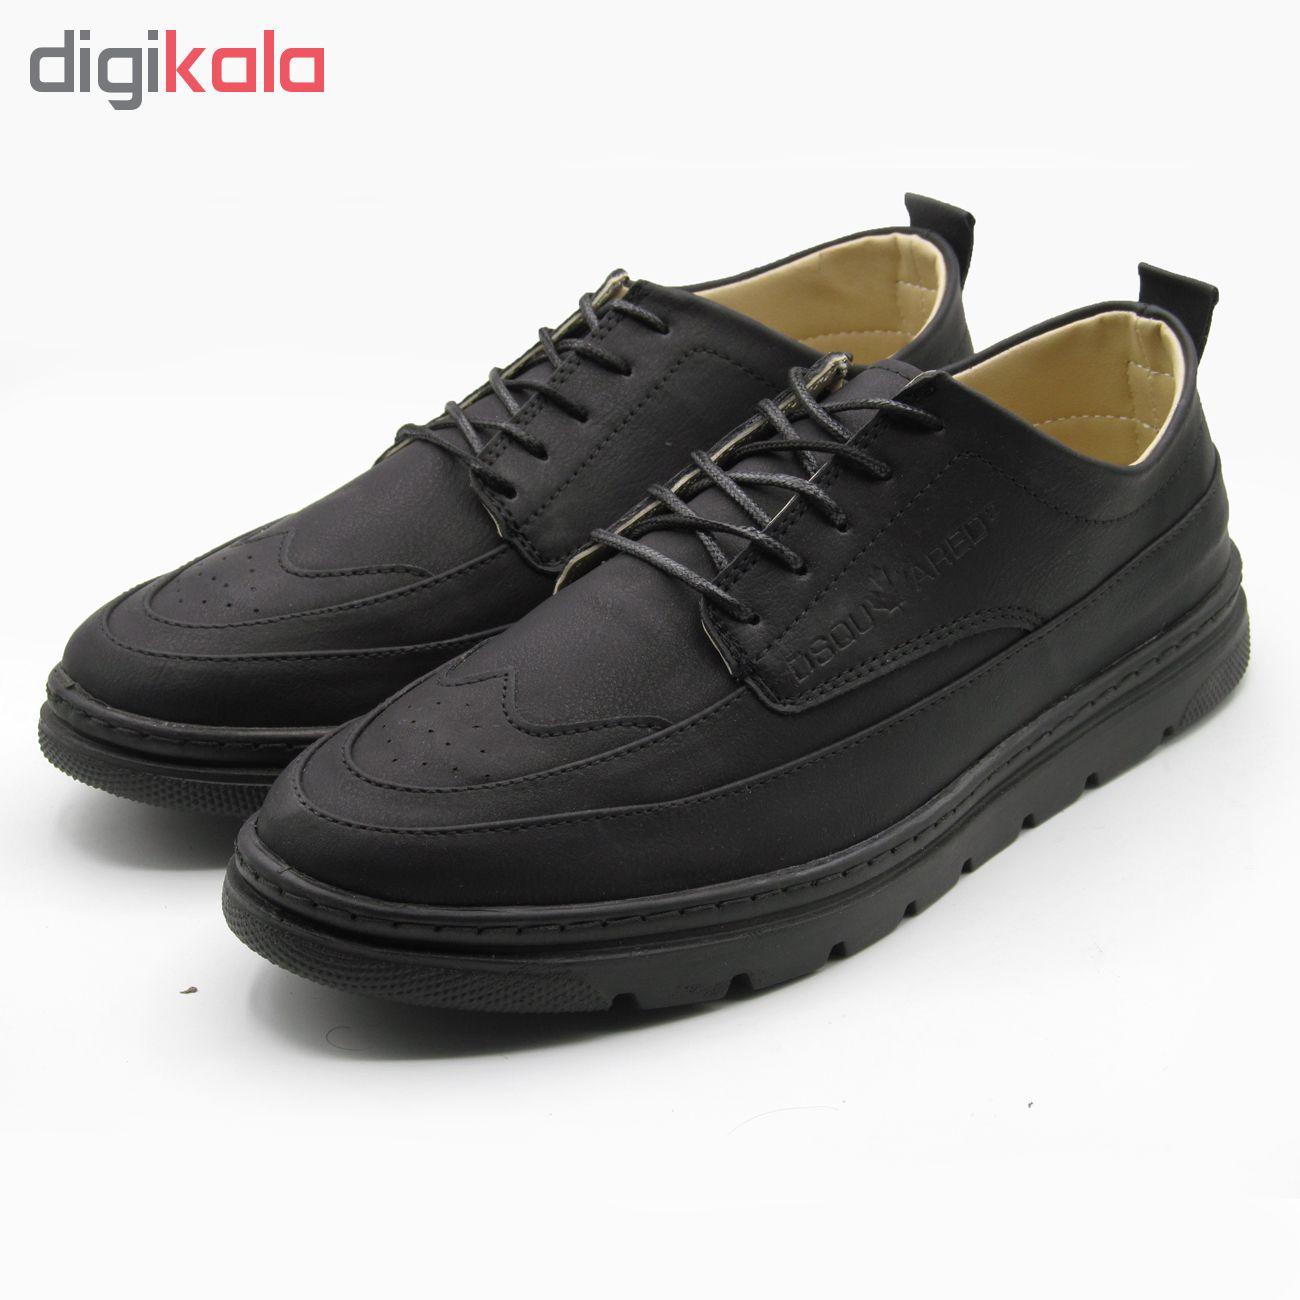 کفش مردانه دیسکارد  مدل 1249